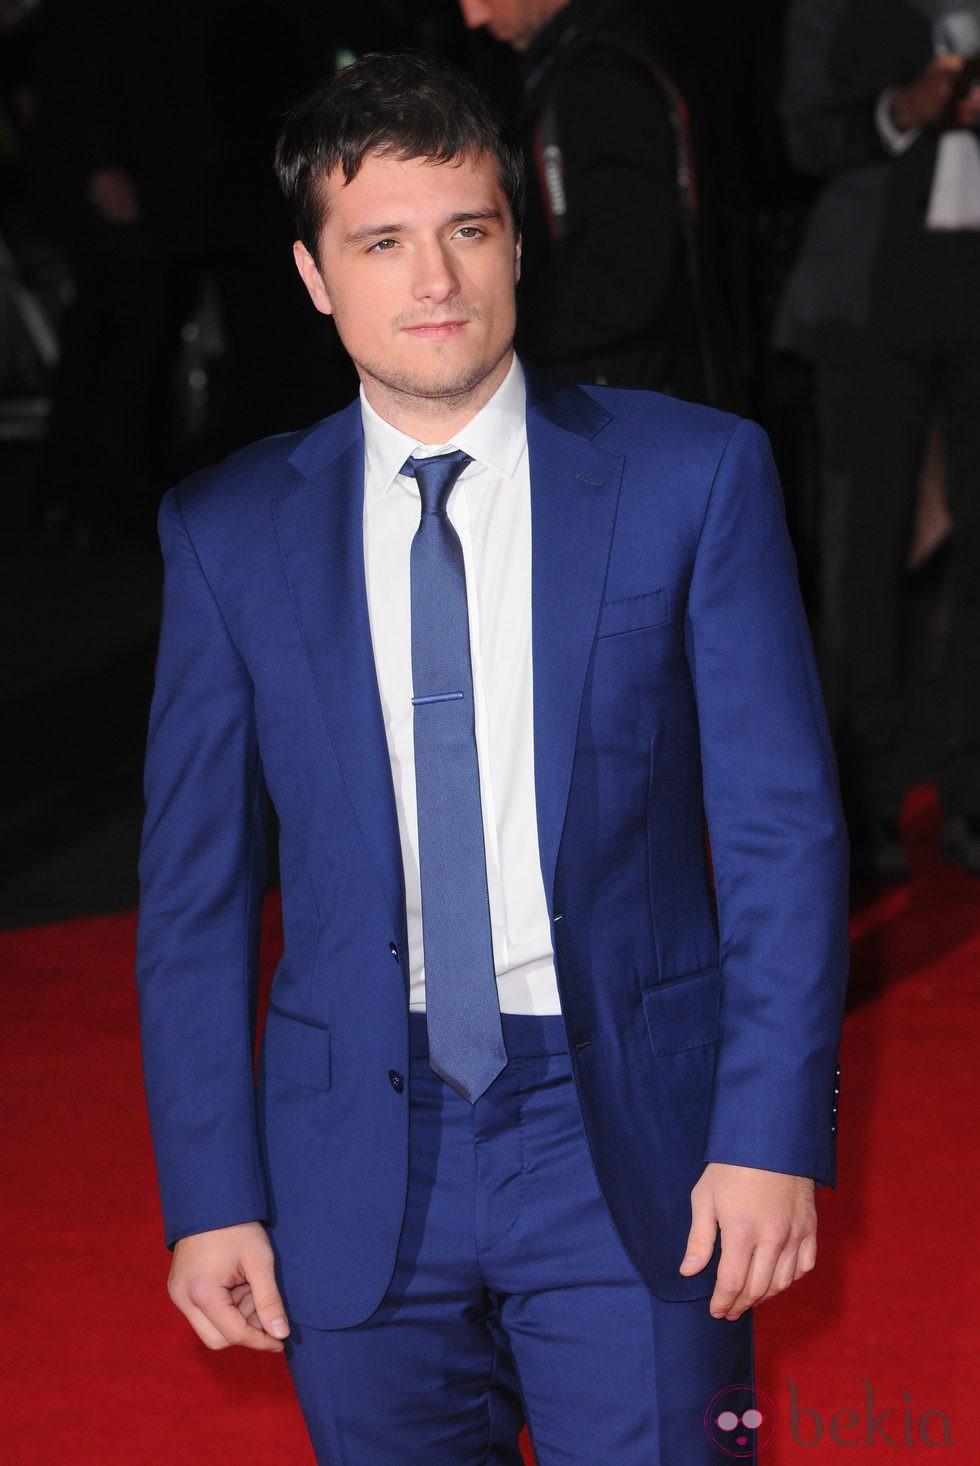 Josh Hutherson en el estreno de 'Los Juegos del Hambre: Sinsajo Parte 1' en Londres